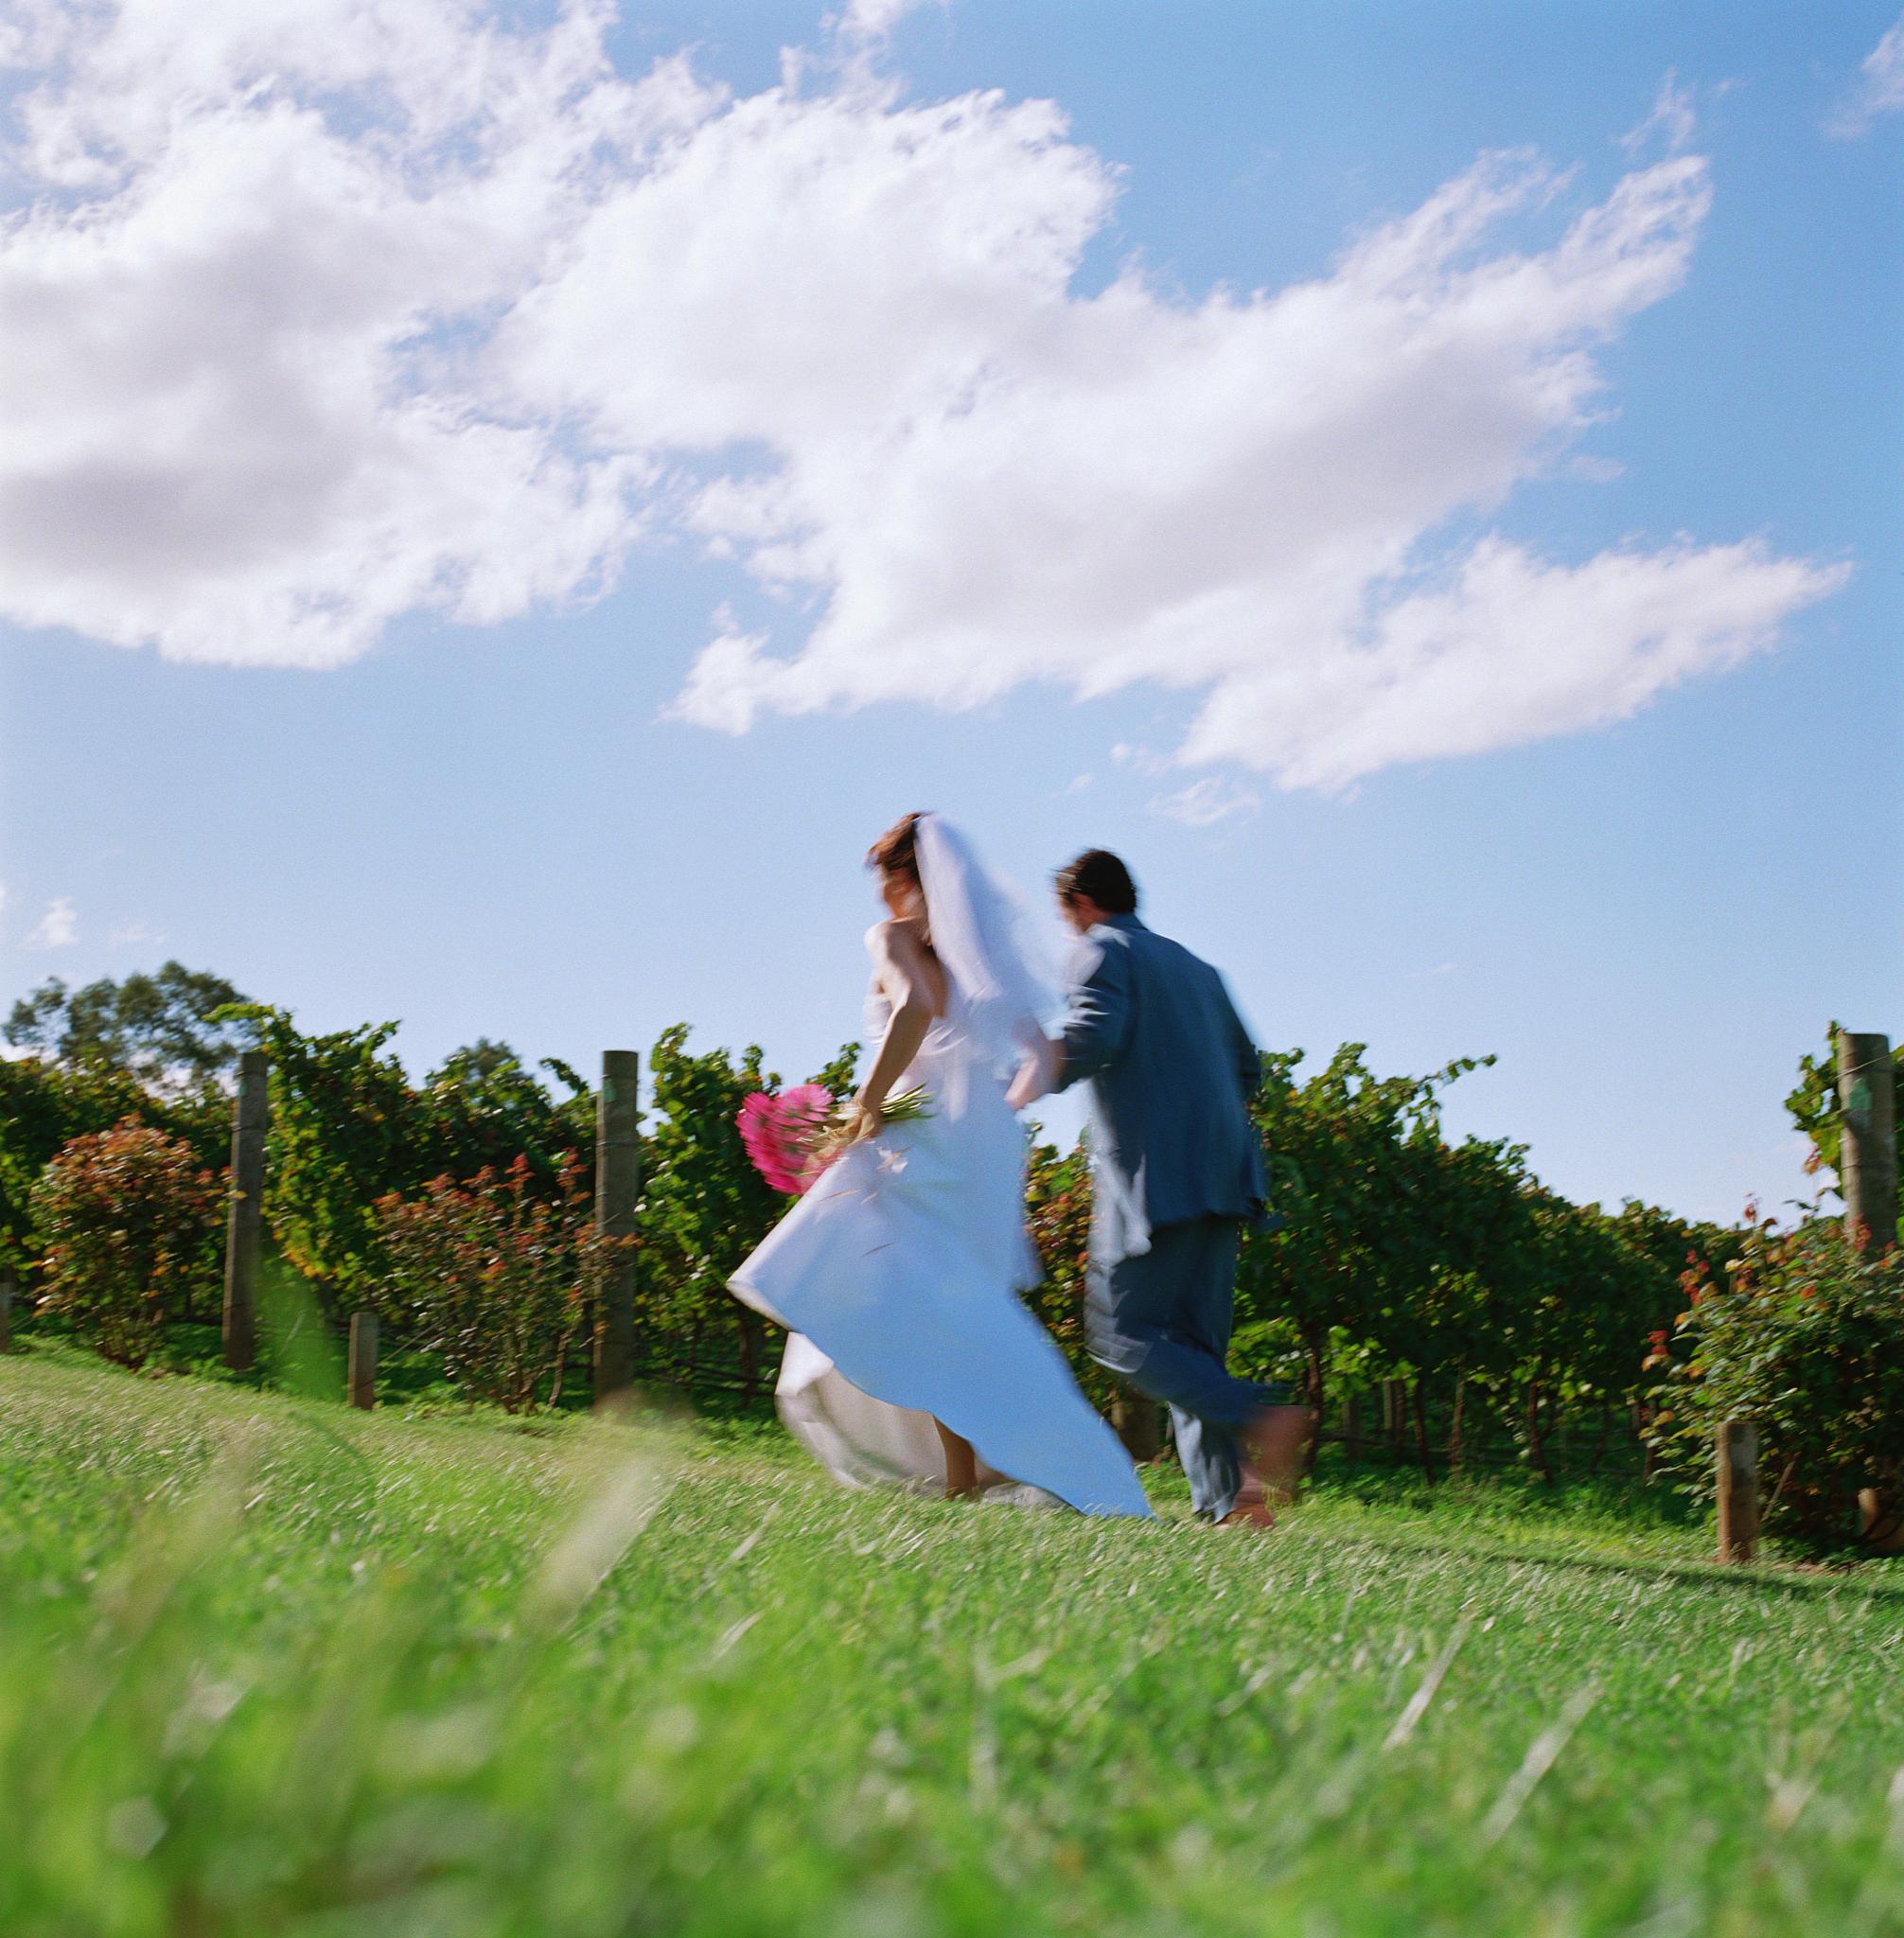 八字算命结婚黄道吉日 订婚日子是根据生辰八字算命